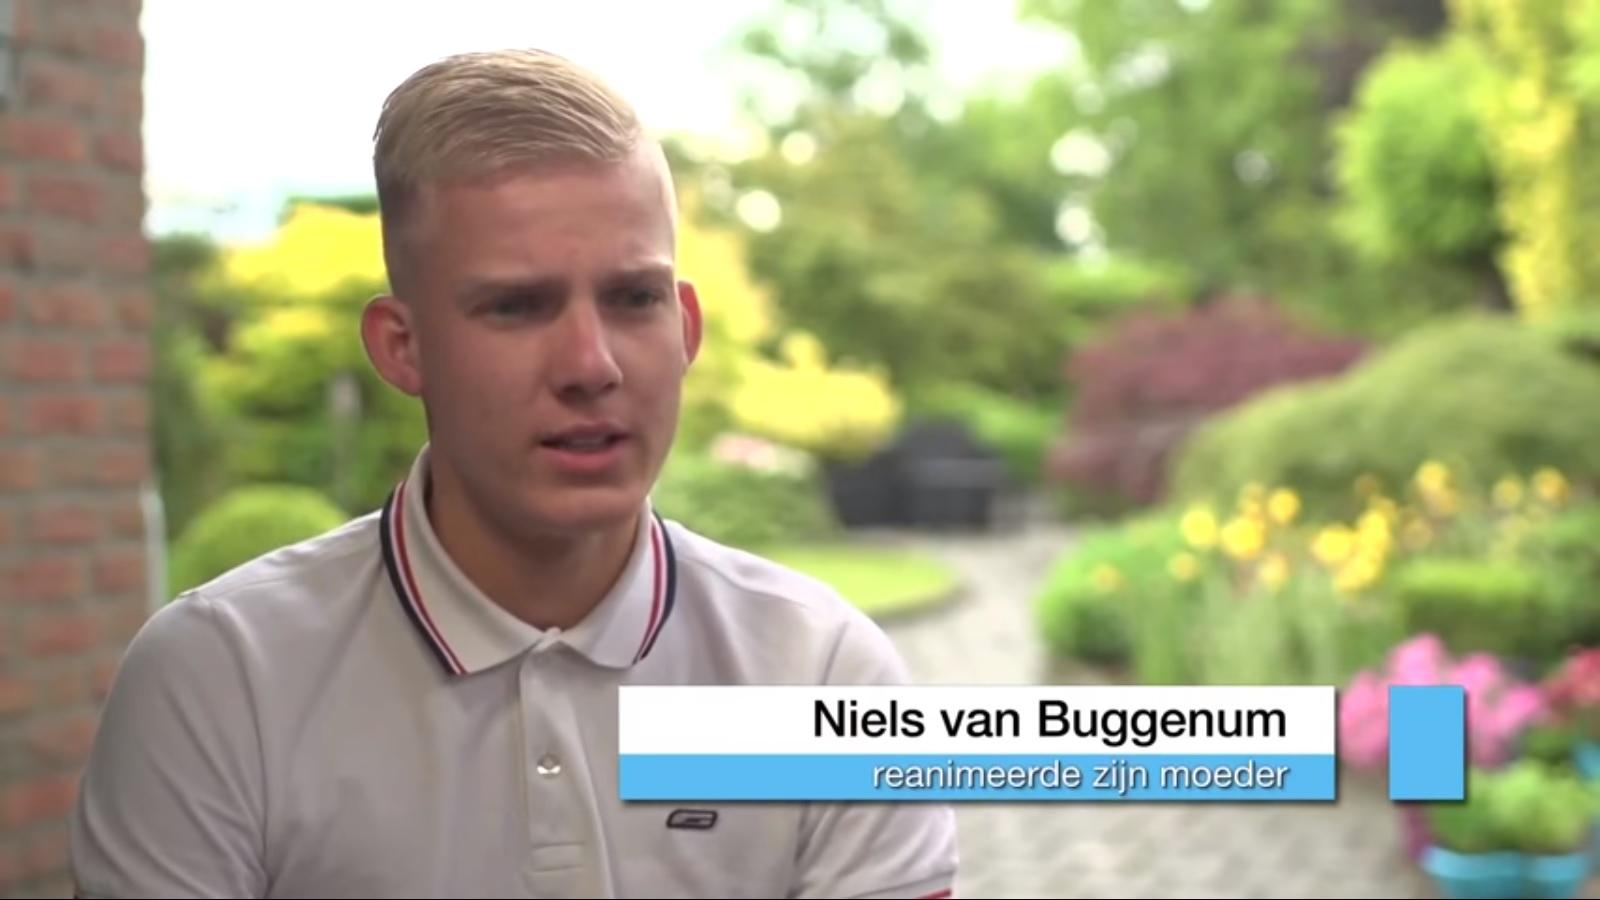 screenshot uit het inverview met Niels met het onderschrift: 'reanimeerde zijn moeder'